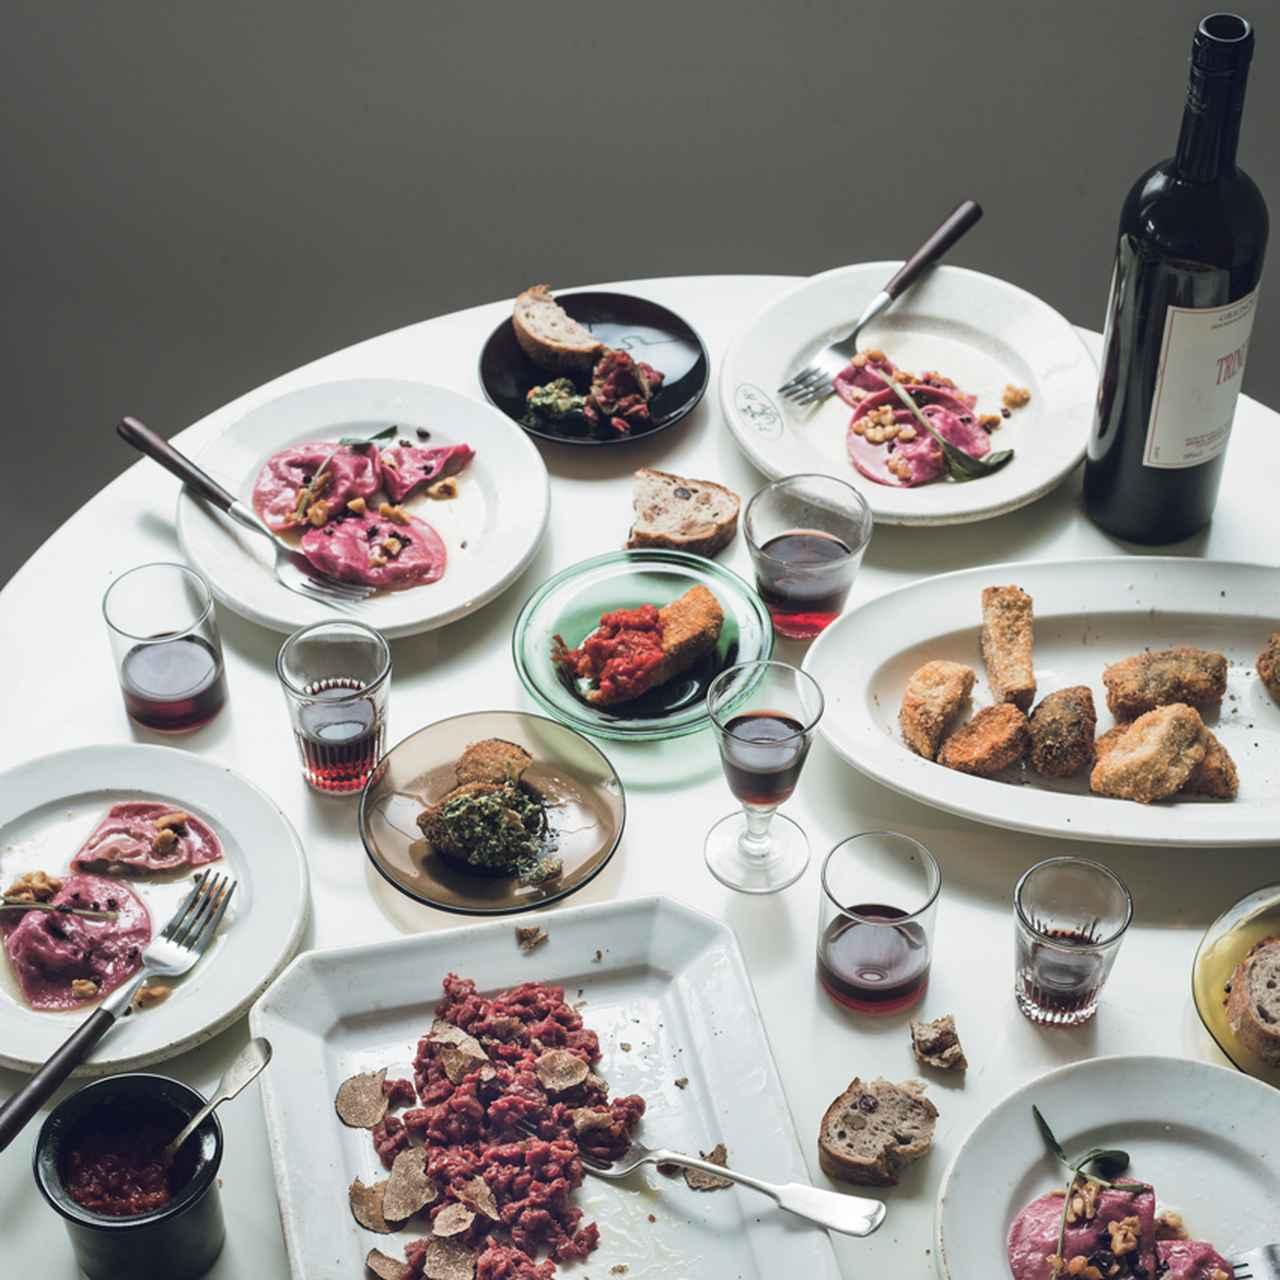 ホームパーティを盛り上げる、自然派ワインのおすすめ8本 [FRaU]